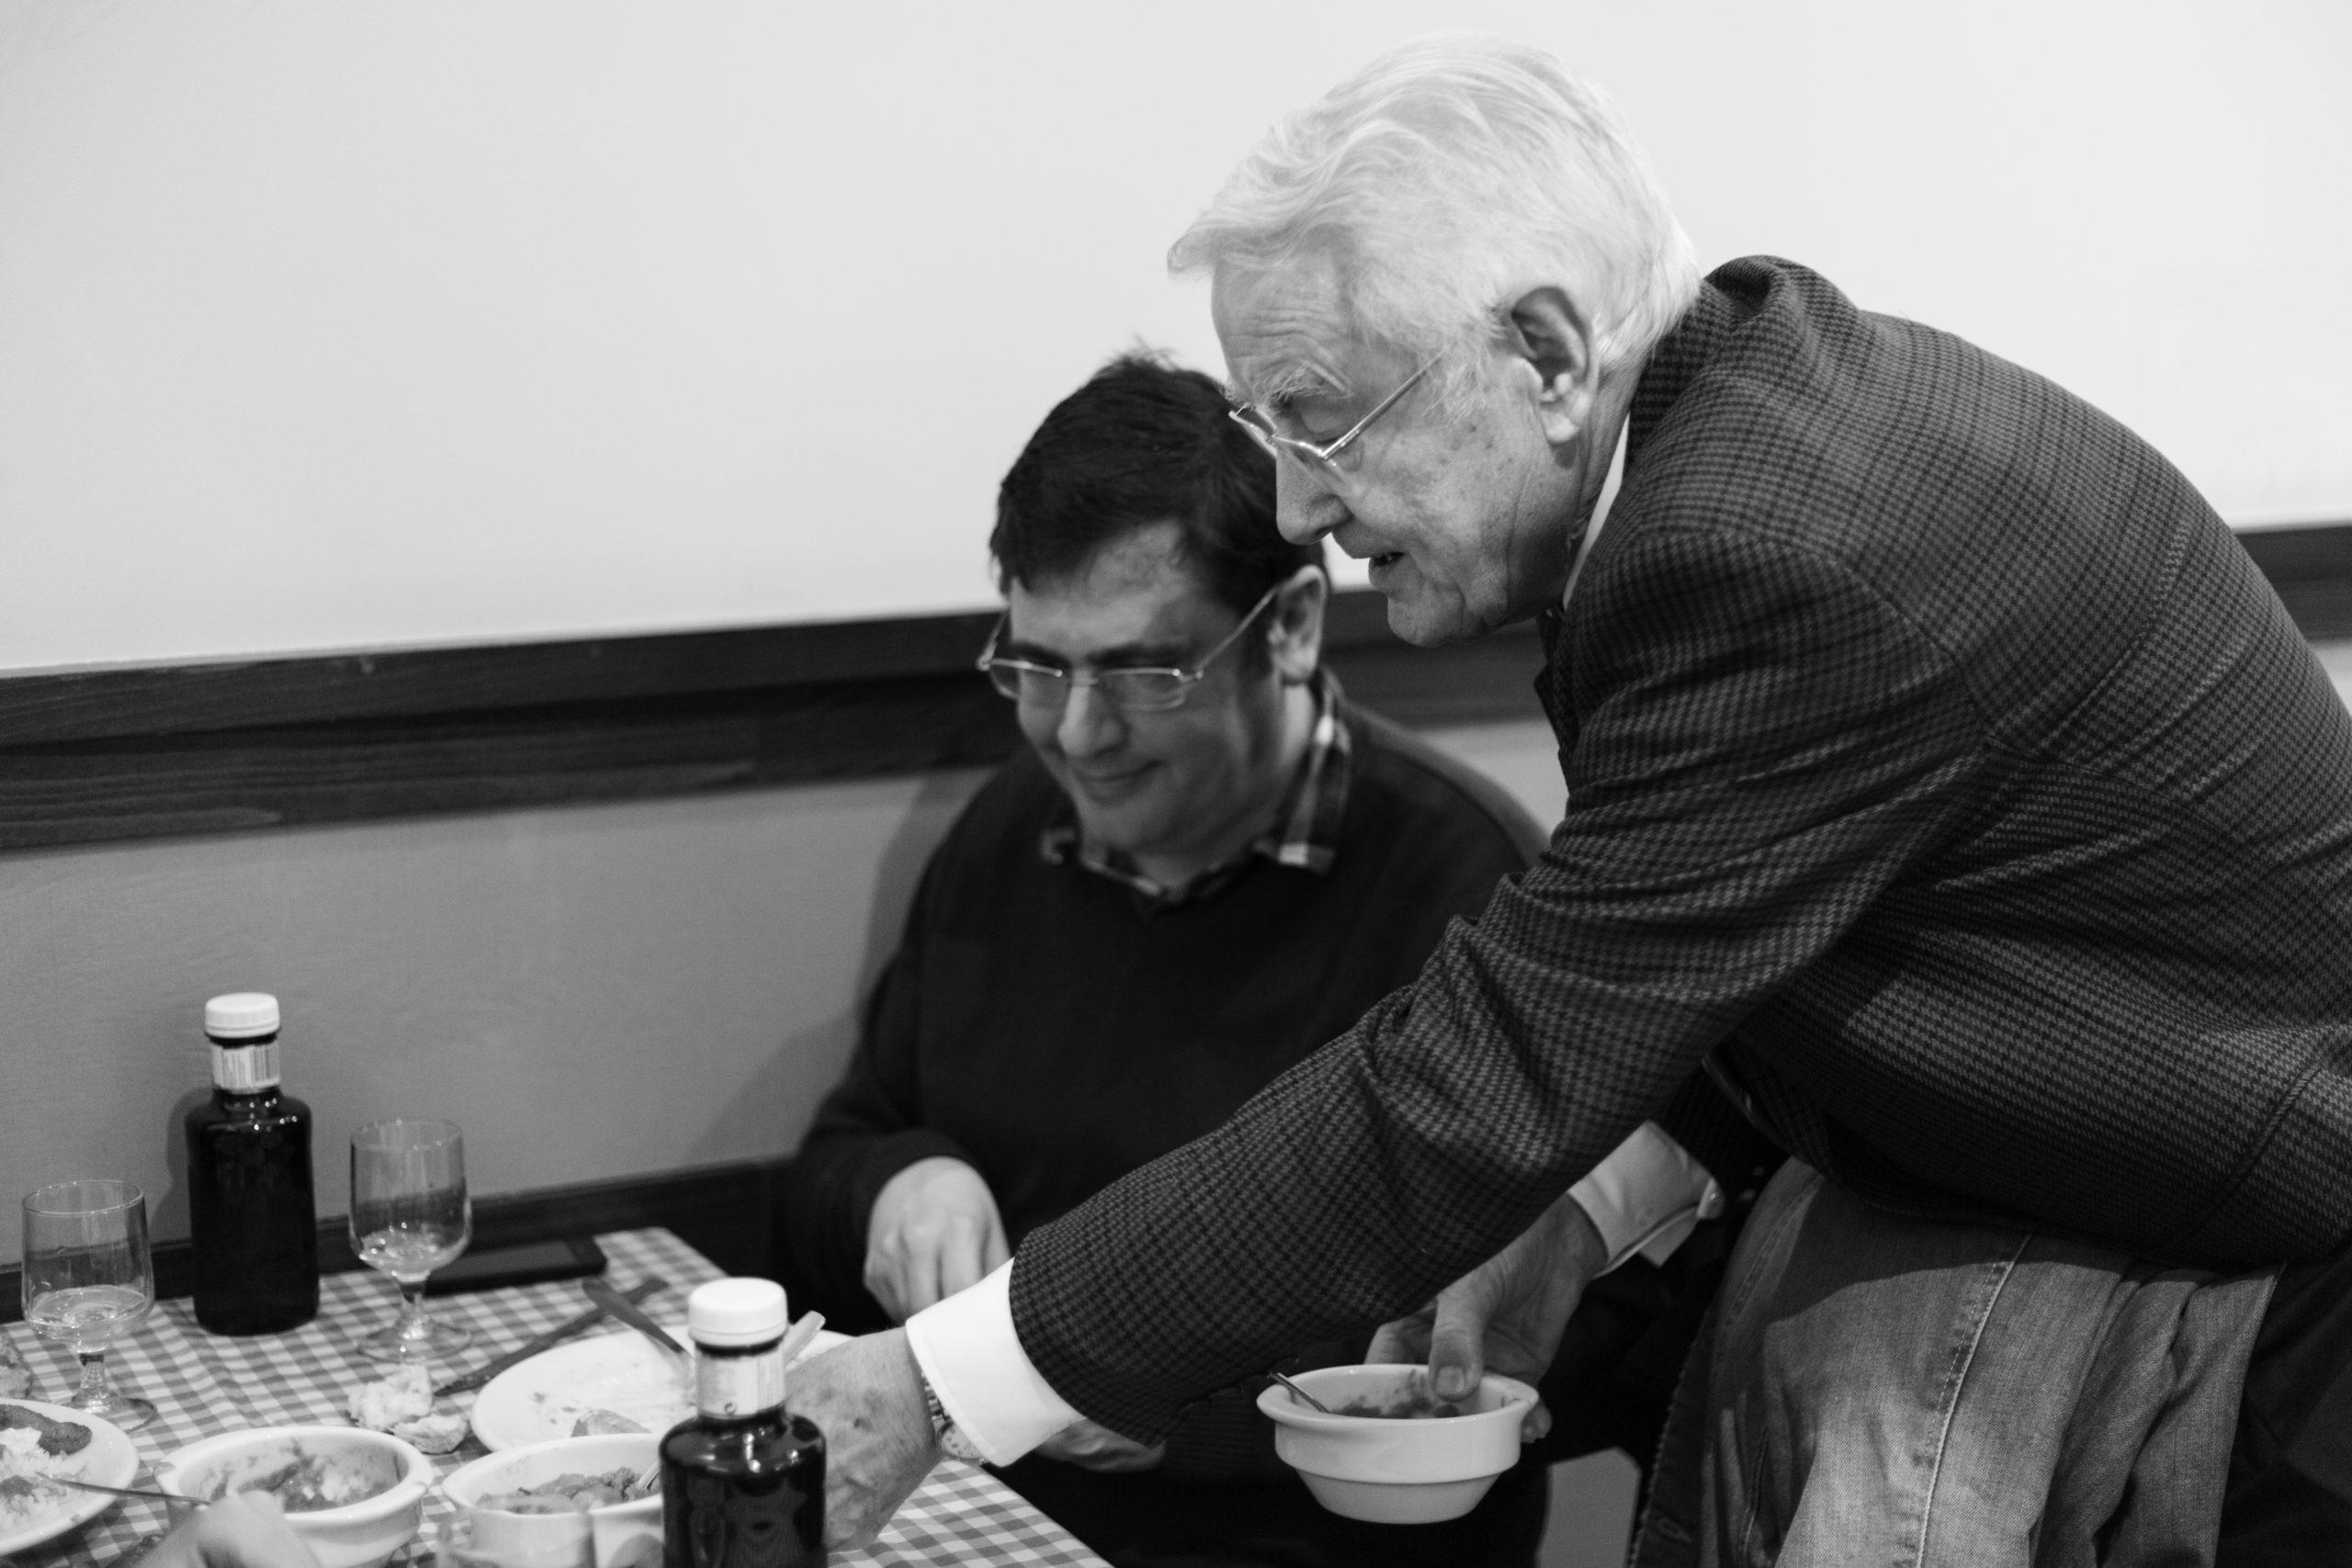 Pepe lleva un plato a una de las mesas.